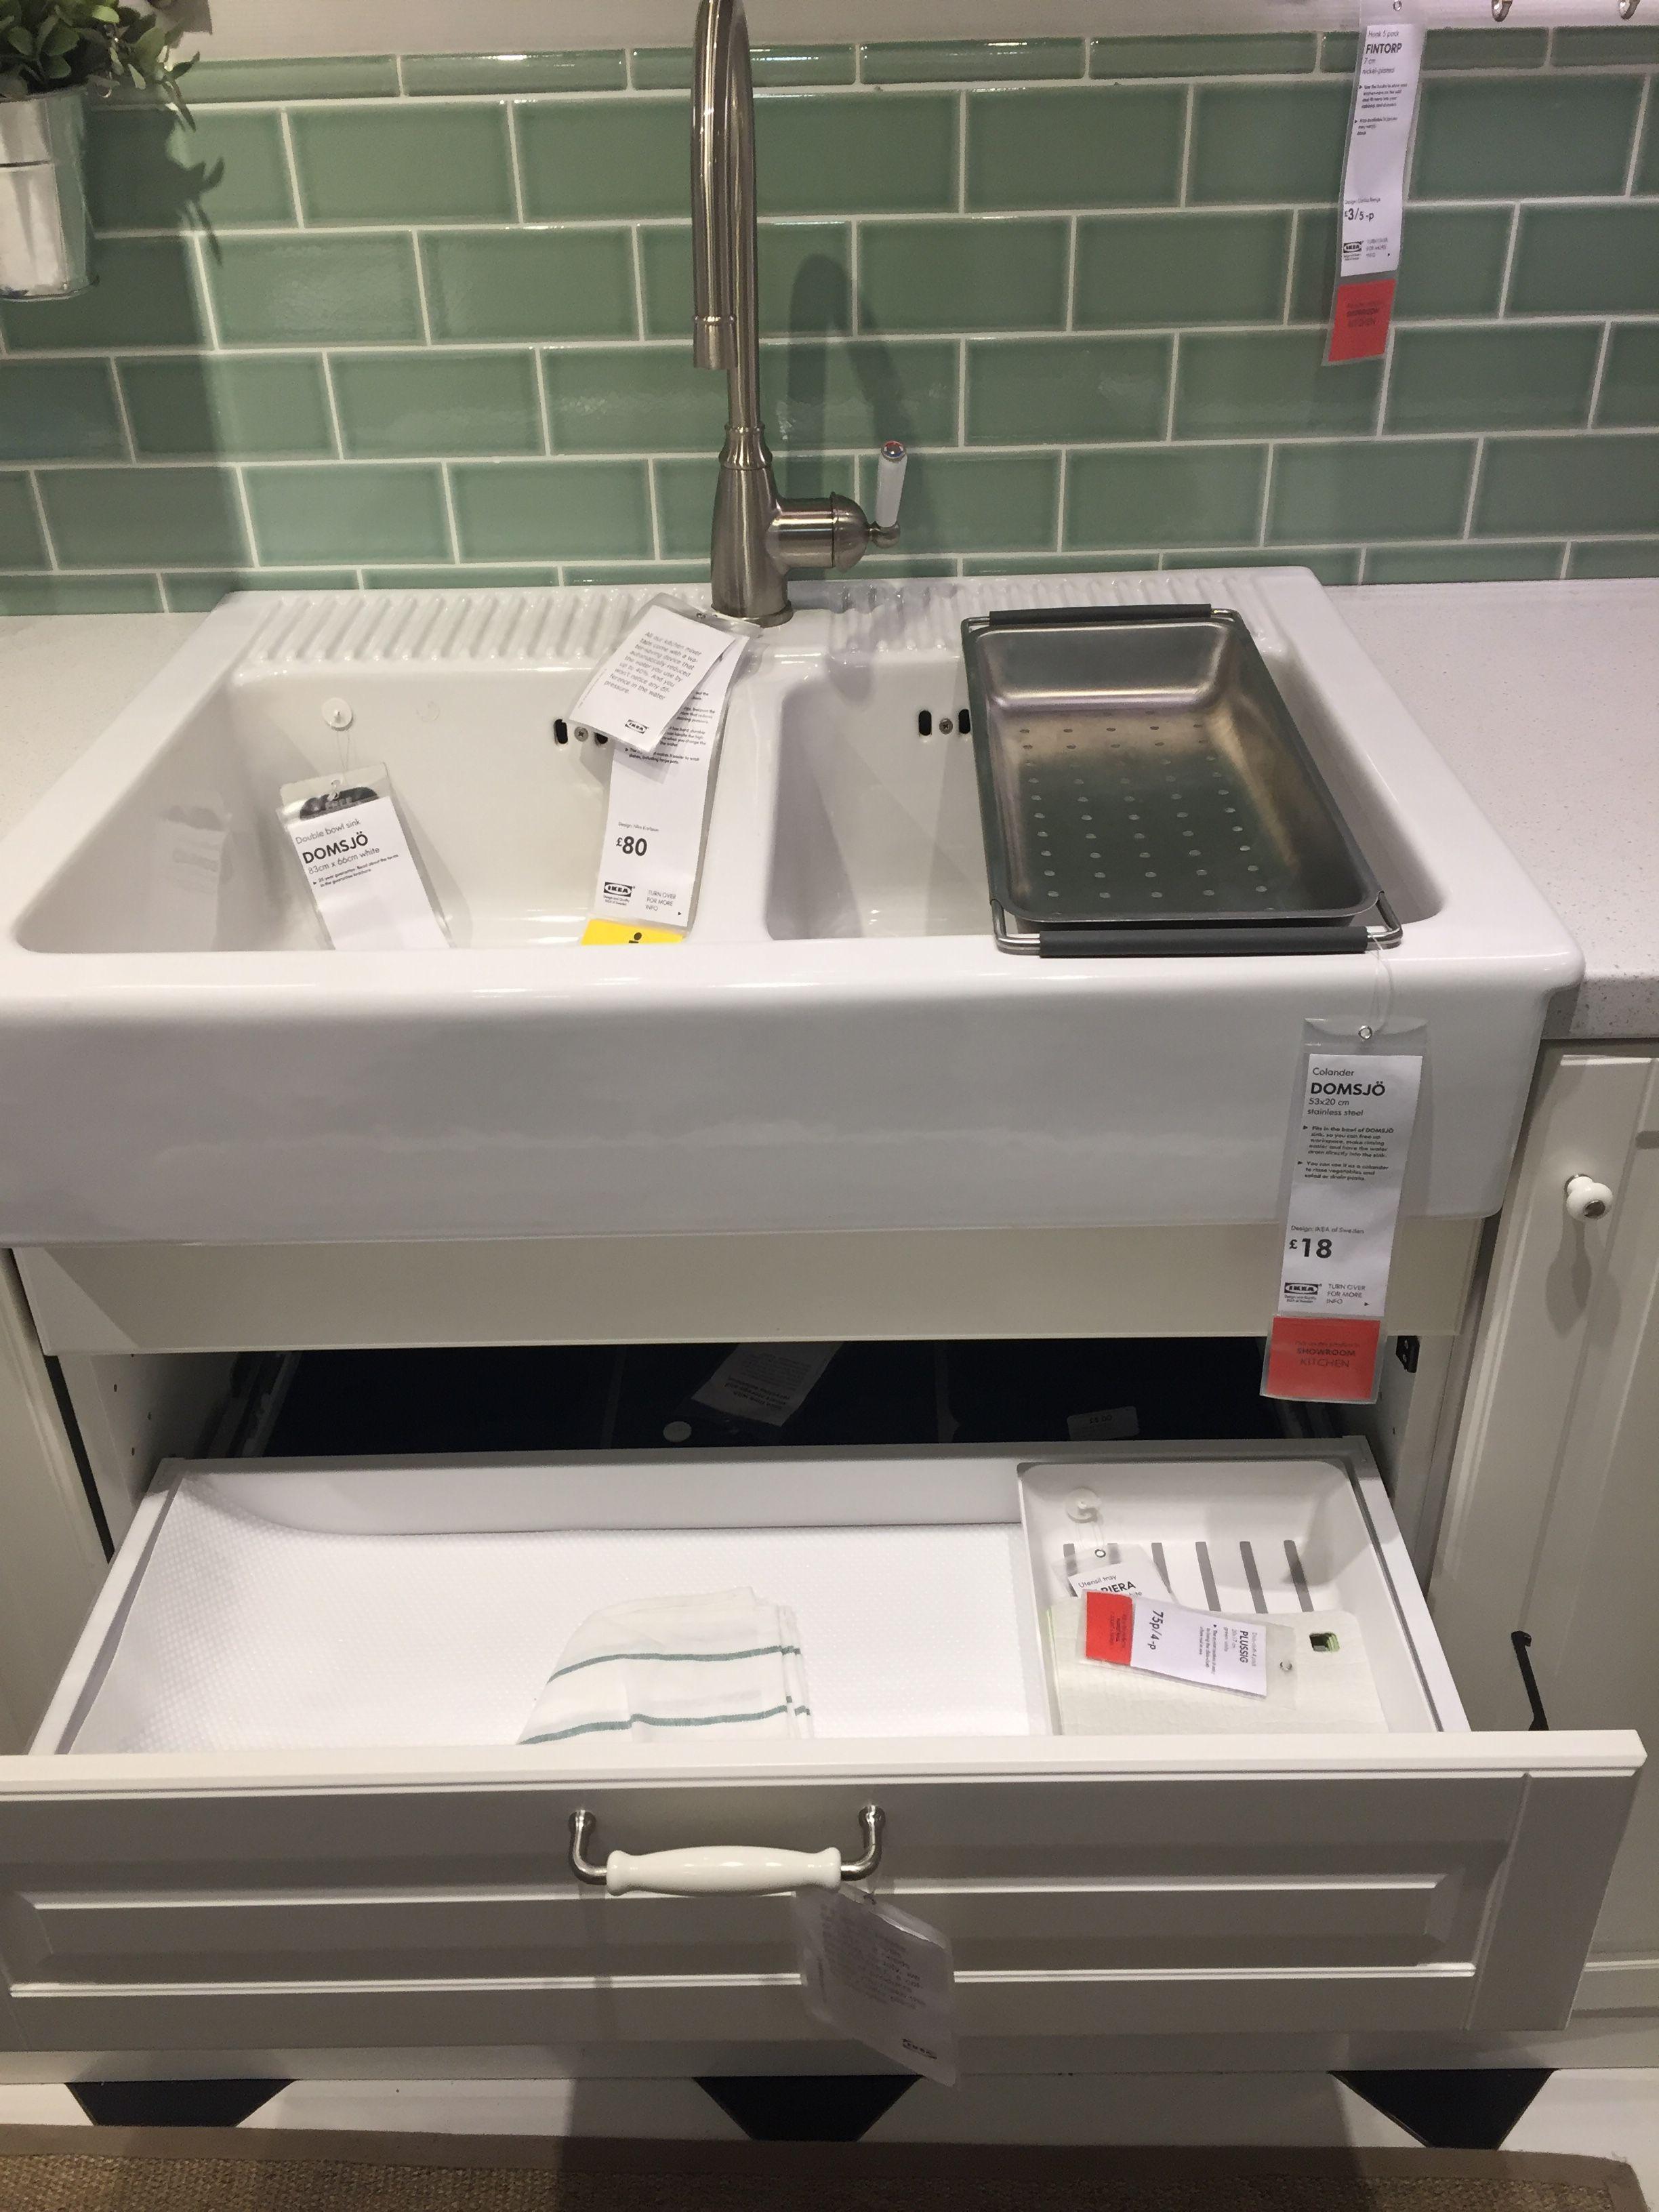 Ikea Domsjo Double Sink Avec 2 Tiroirs Poubellerecyclage